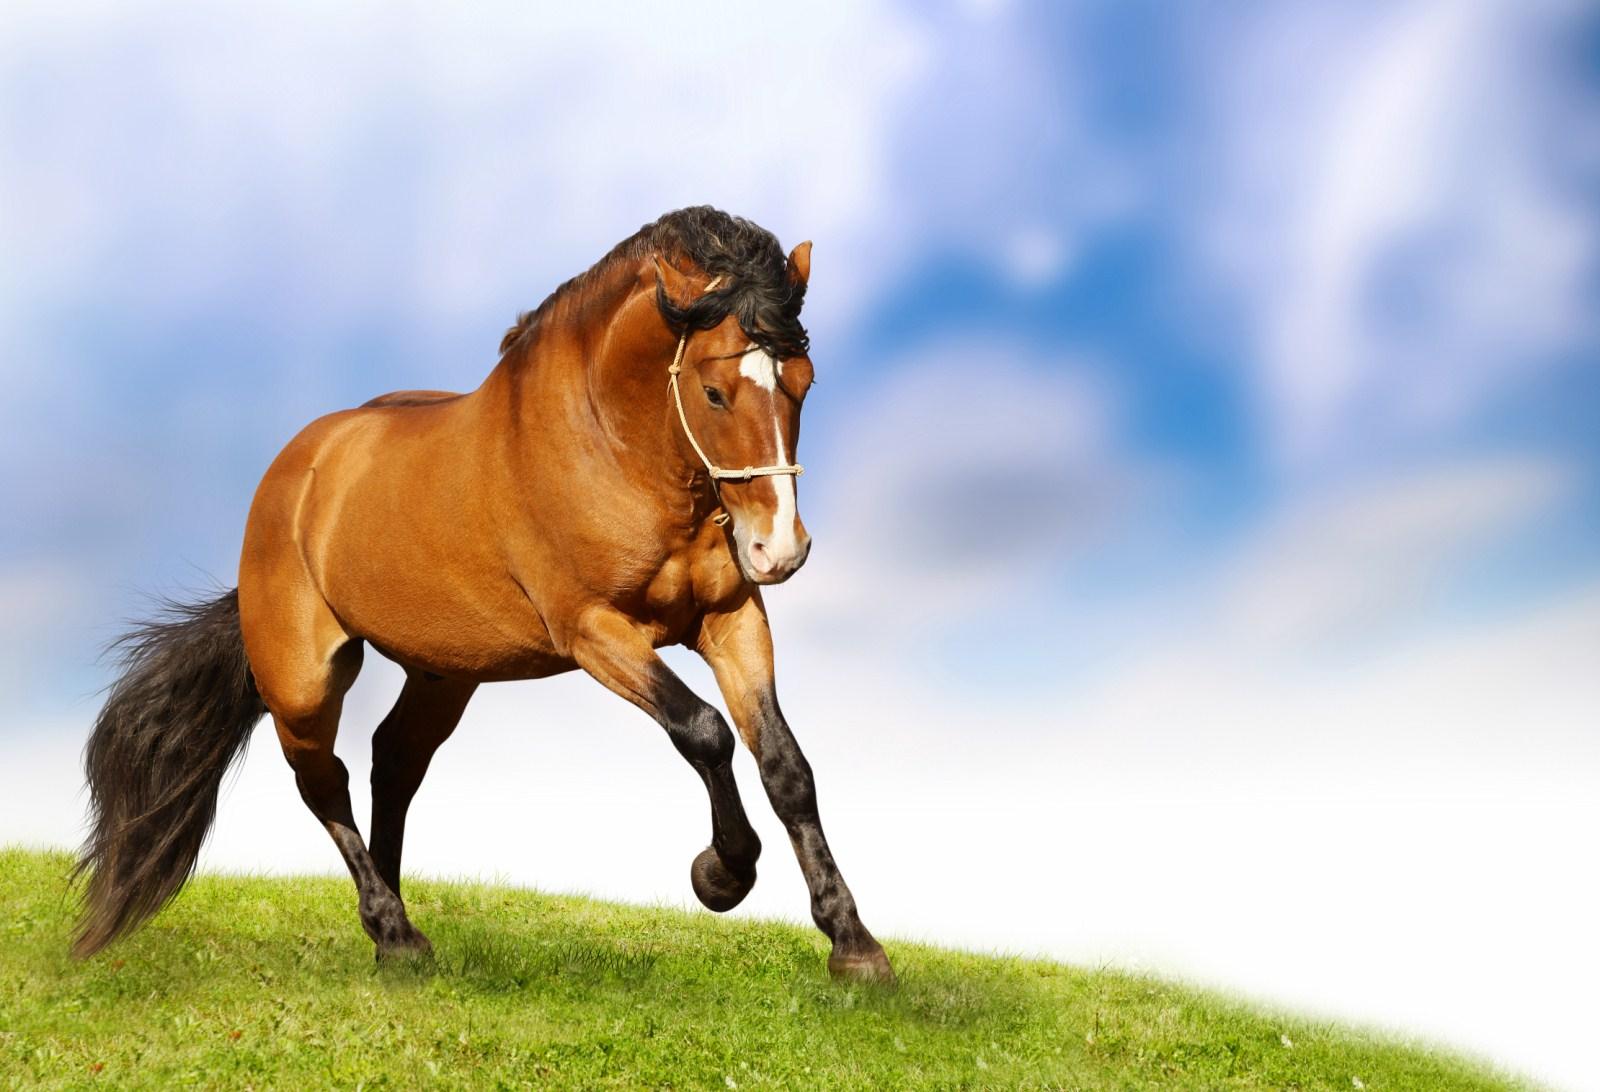 بالصور صور الخيل , صور الخيل اجمل صور الحصان 4190 9